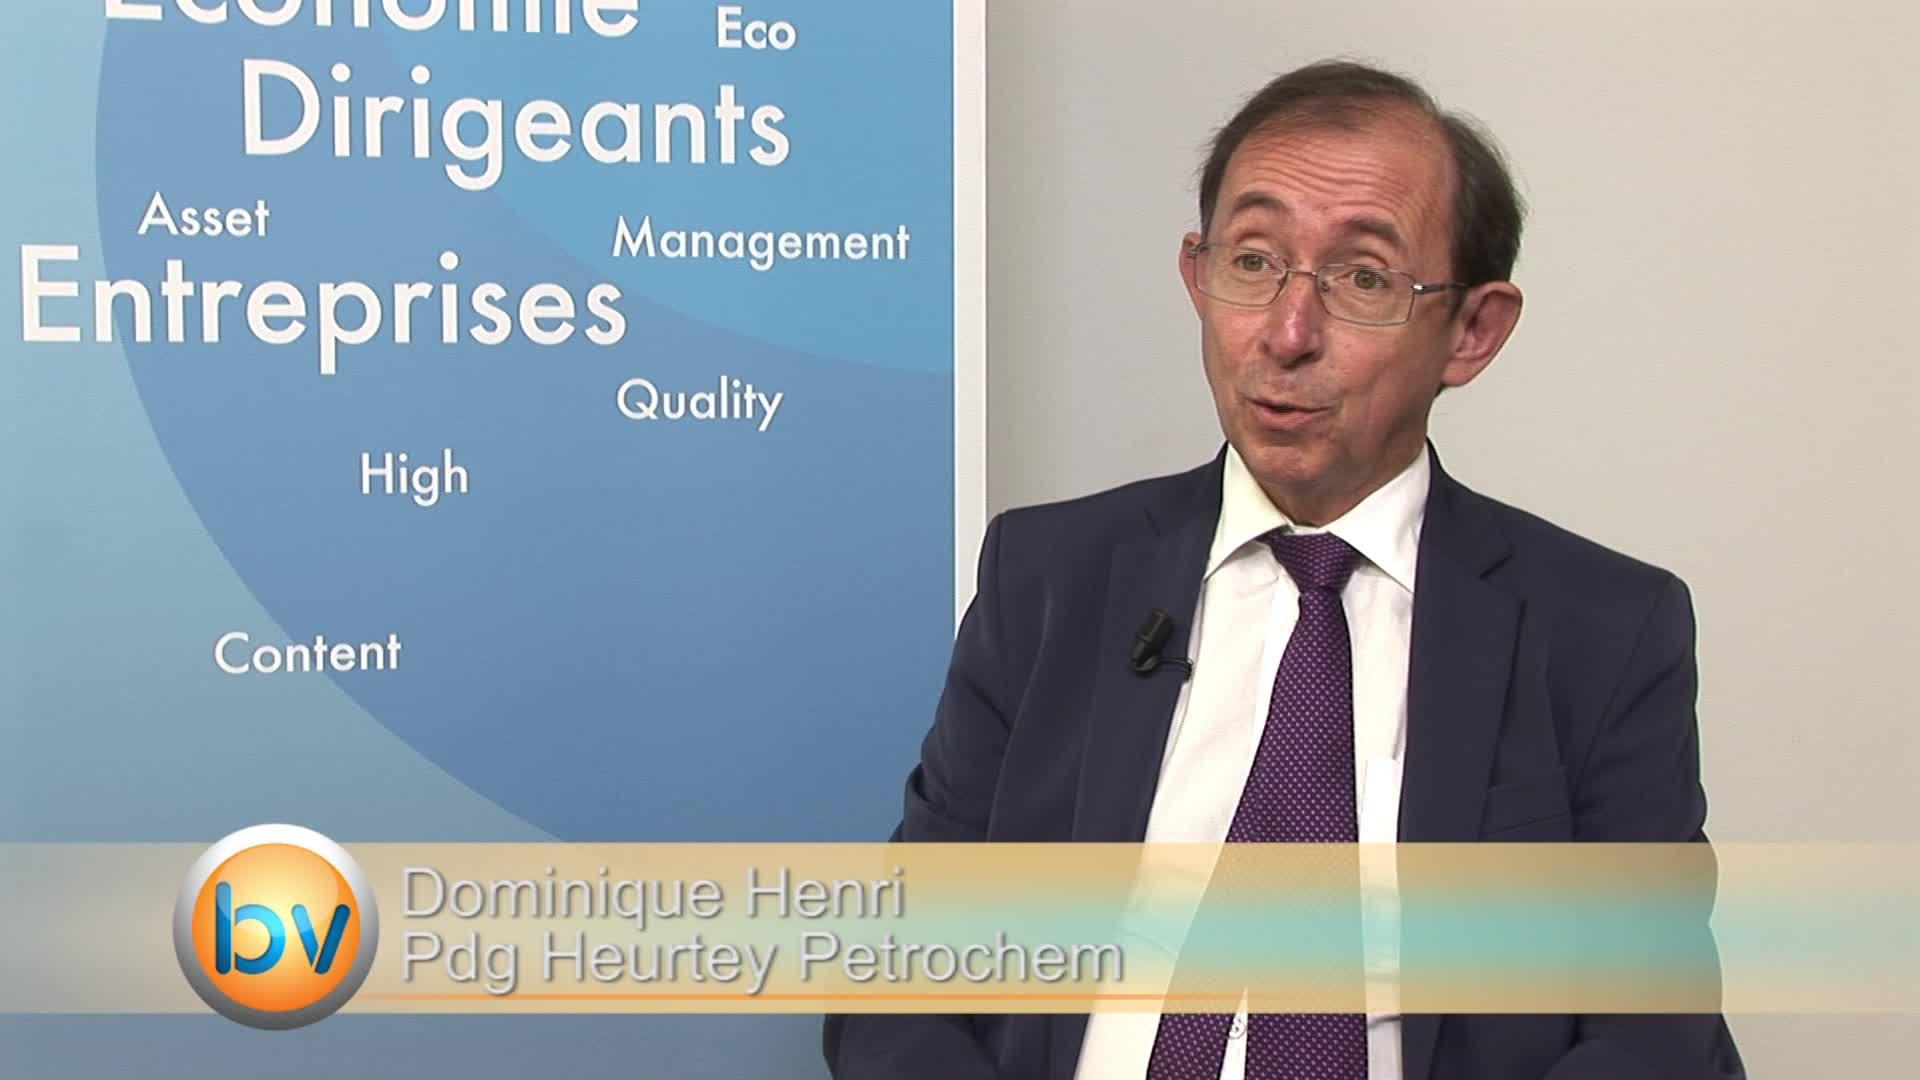 """Dominique Henri Pdg Heurtey Petrochem : """"On est très bien implanté aux Etats-Unis, un atout pour nous"""""""